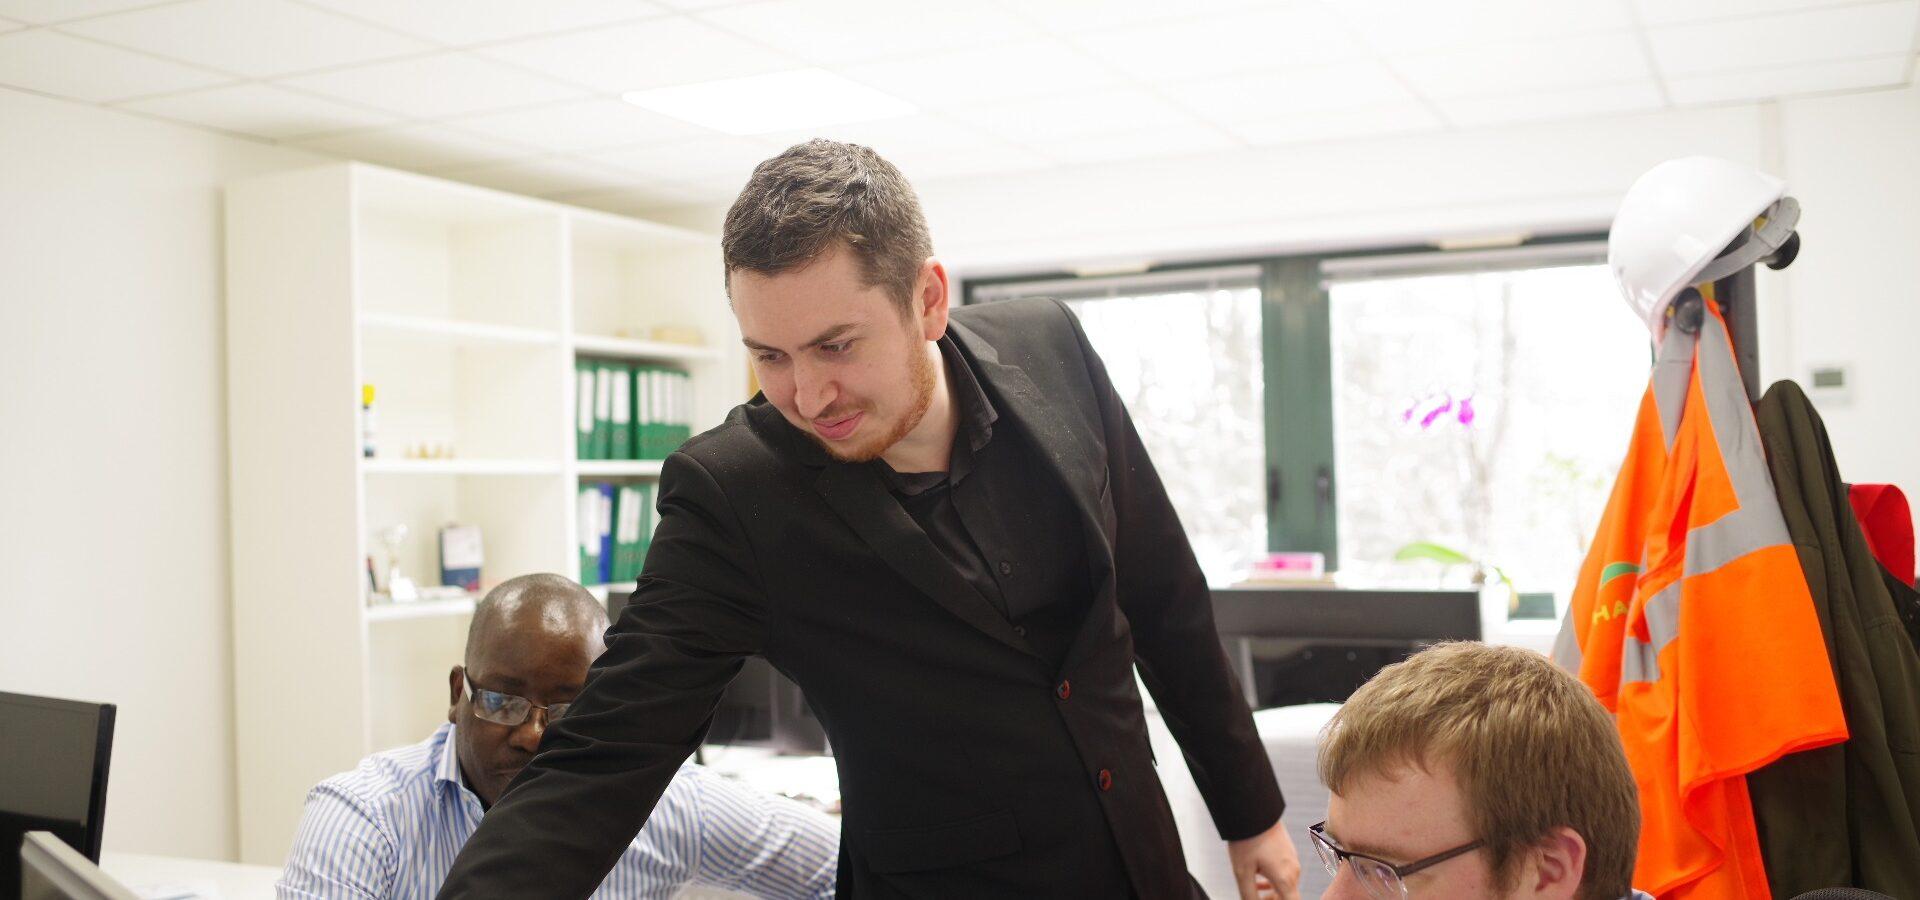 Un homme en costume noir montre un écran à deux autres hommes.